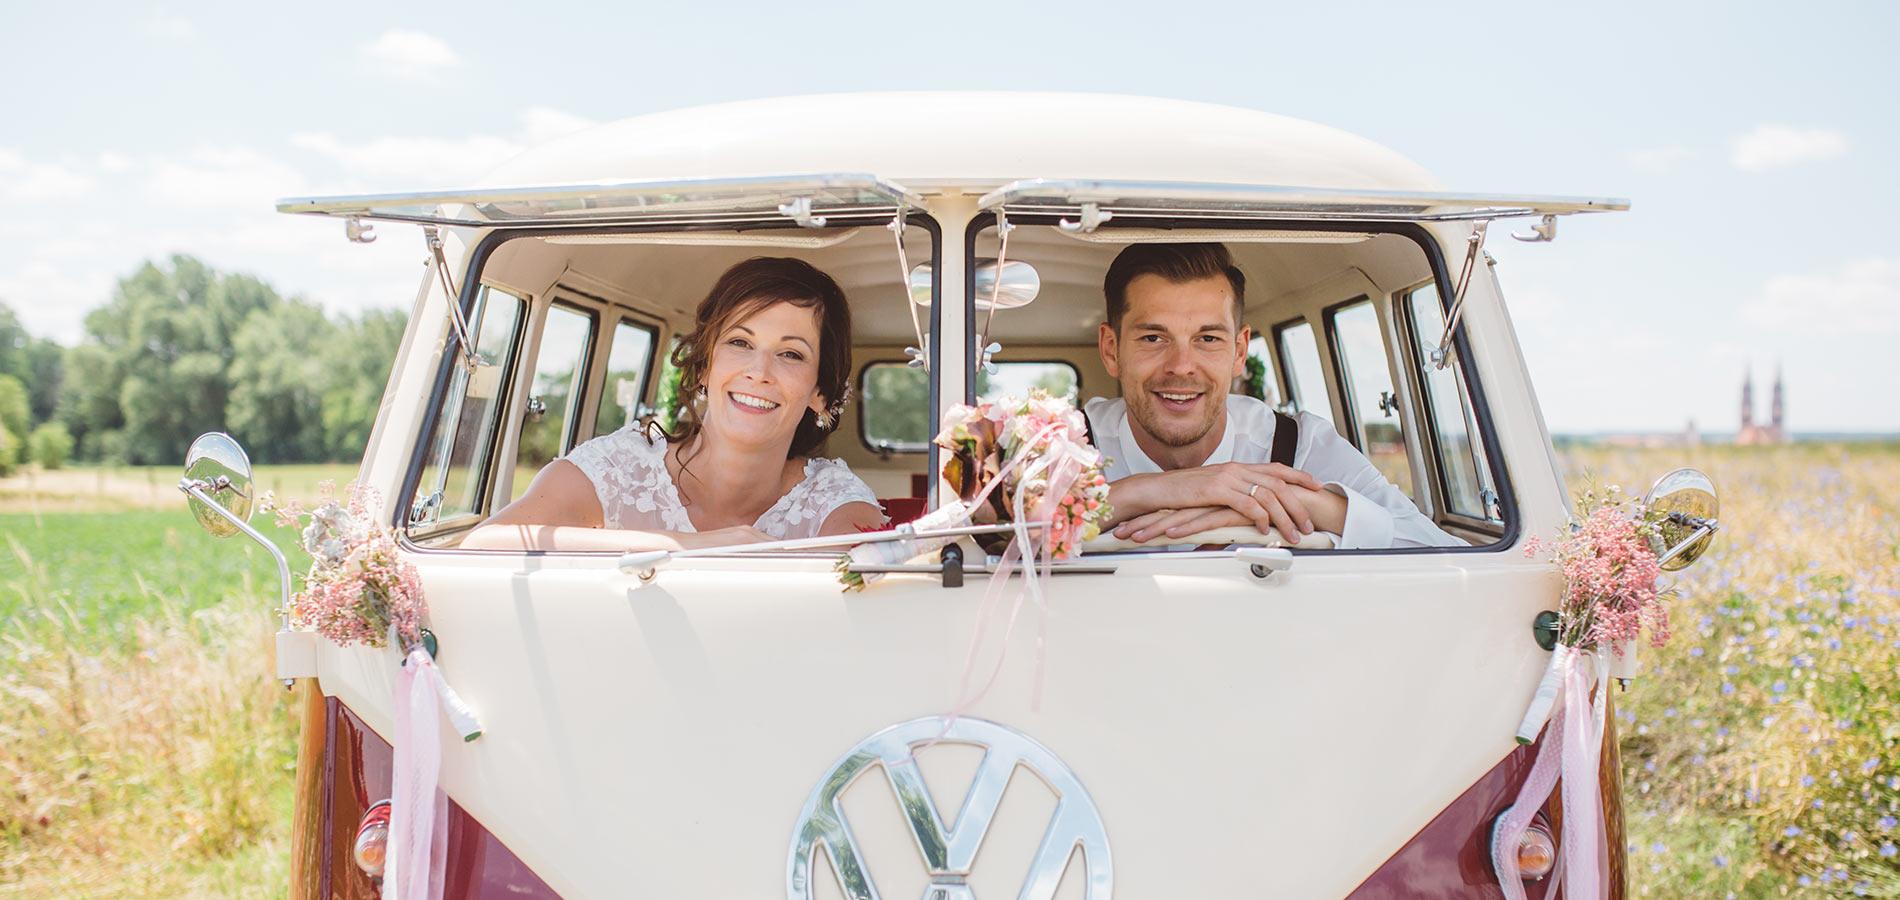 Hochzeitsauto Mieten 10 Auf Avis Select 50 Freikilometer Auf